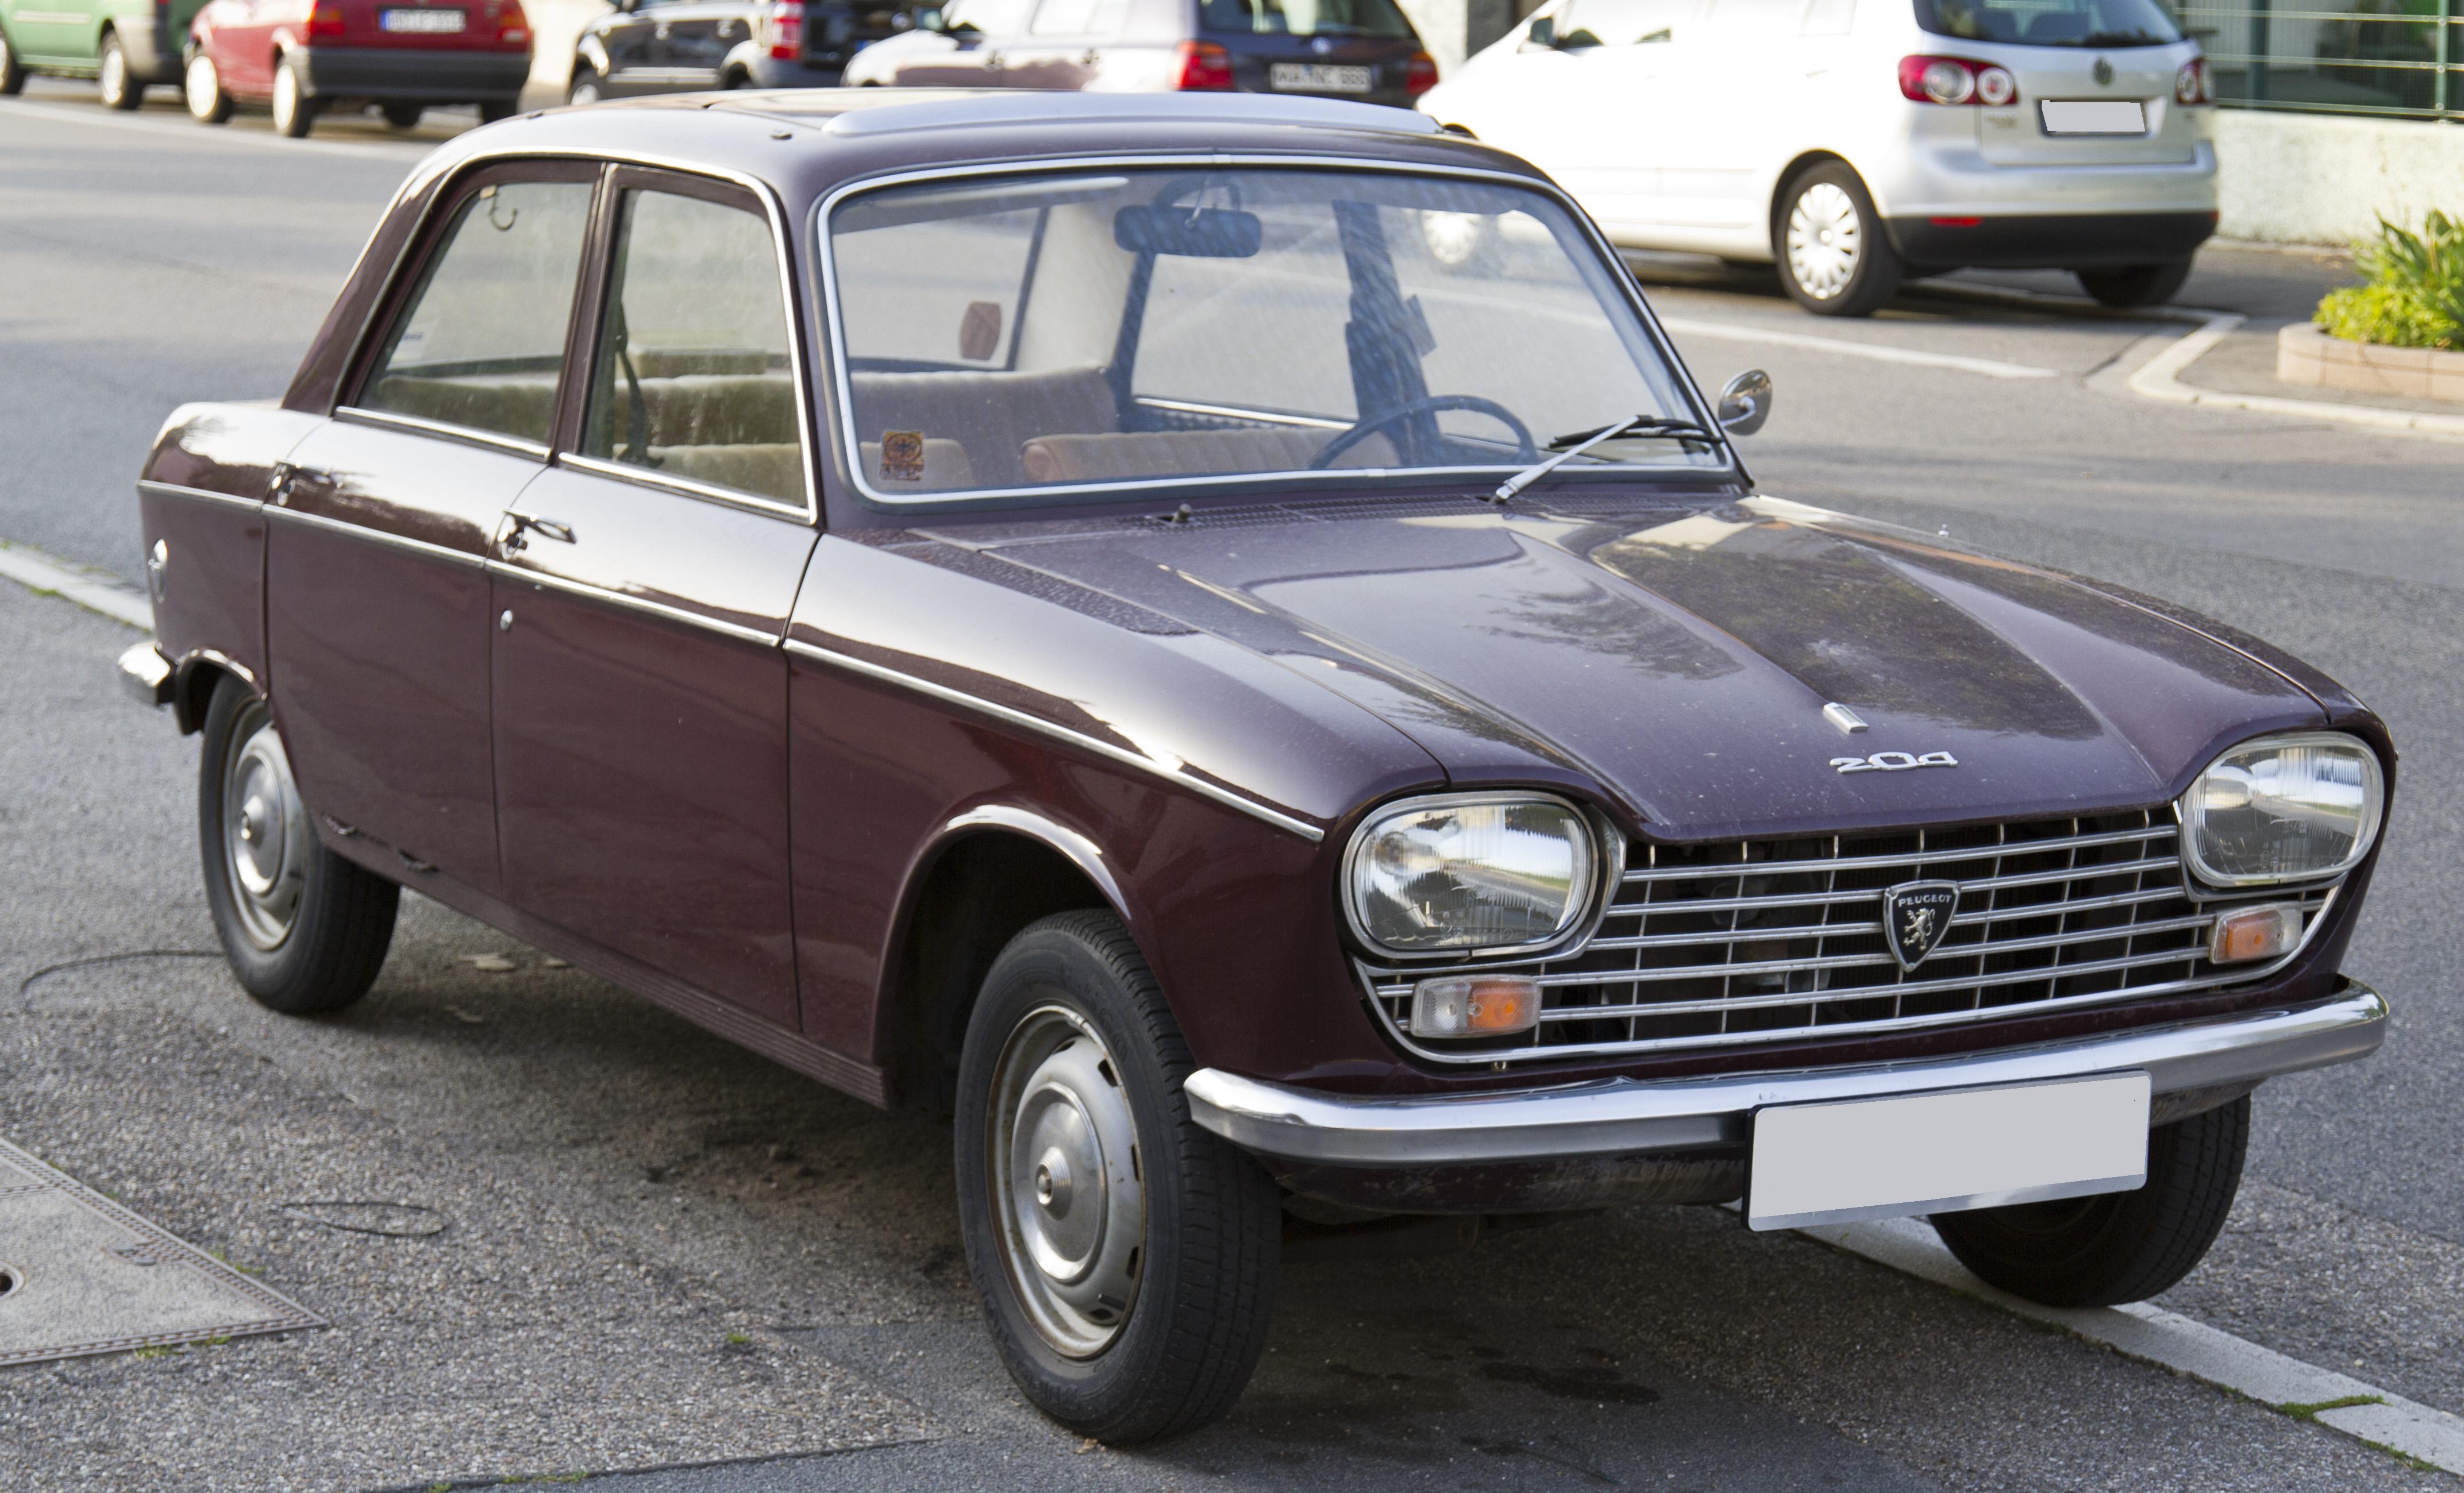 File:Peugeot 204 front 20120630.jpg